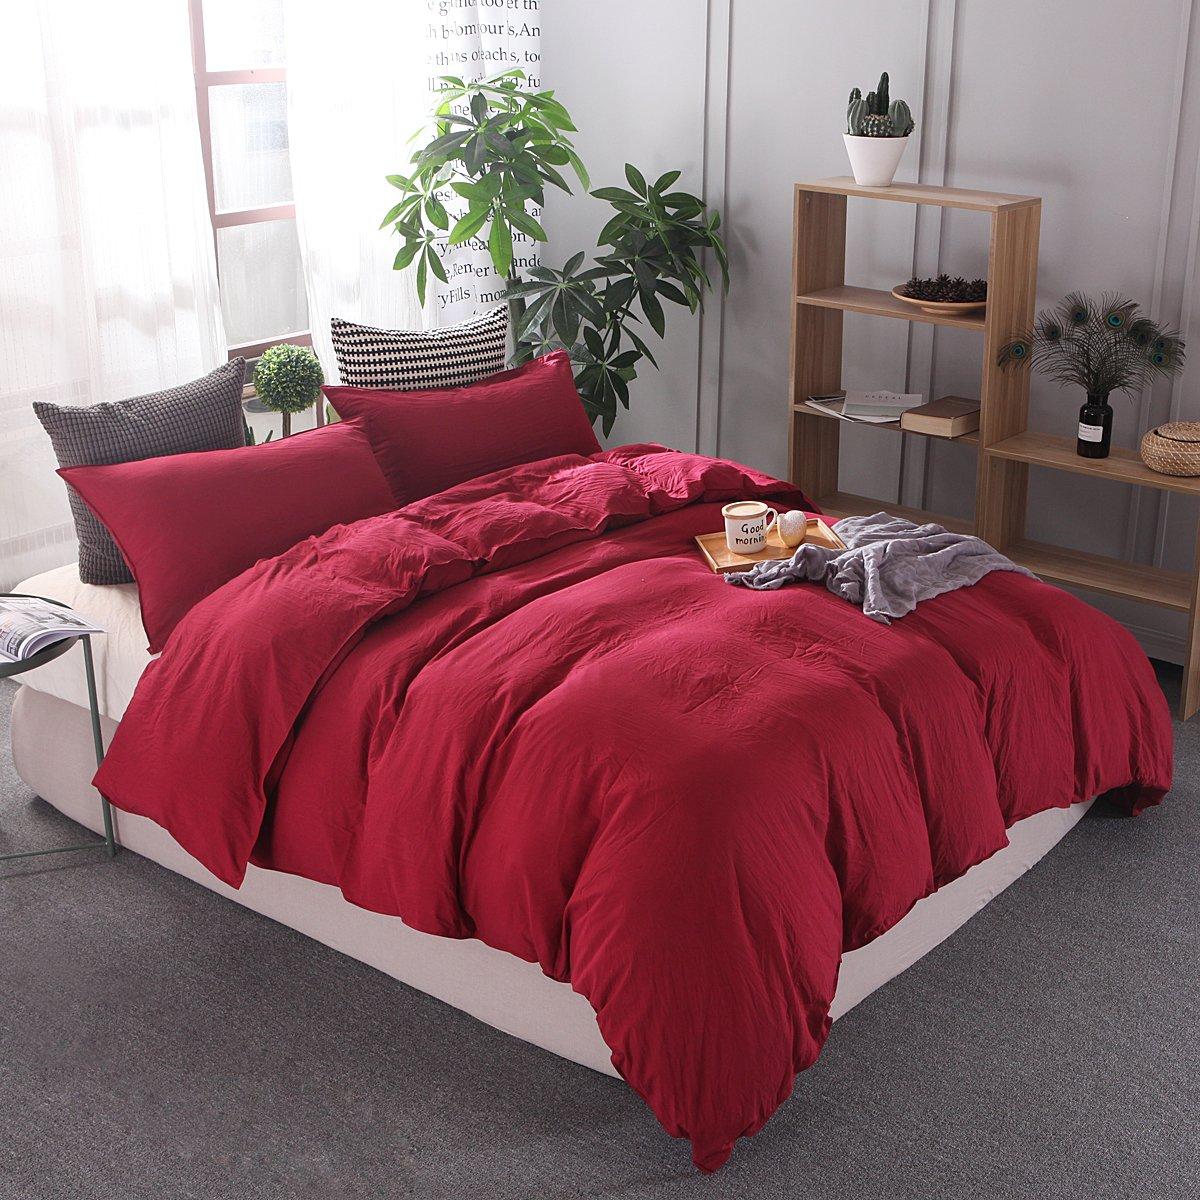 HeavenホームテキスタイルWashedコットンソフトで快適な寝具 ツイン レッド red t B07B3RW4K6 ツイン|レッド レッド ツイン